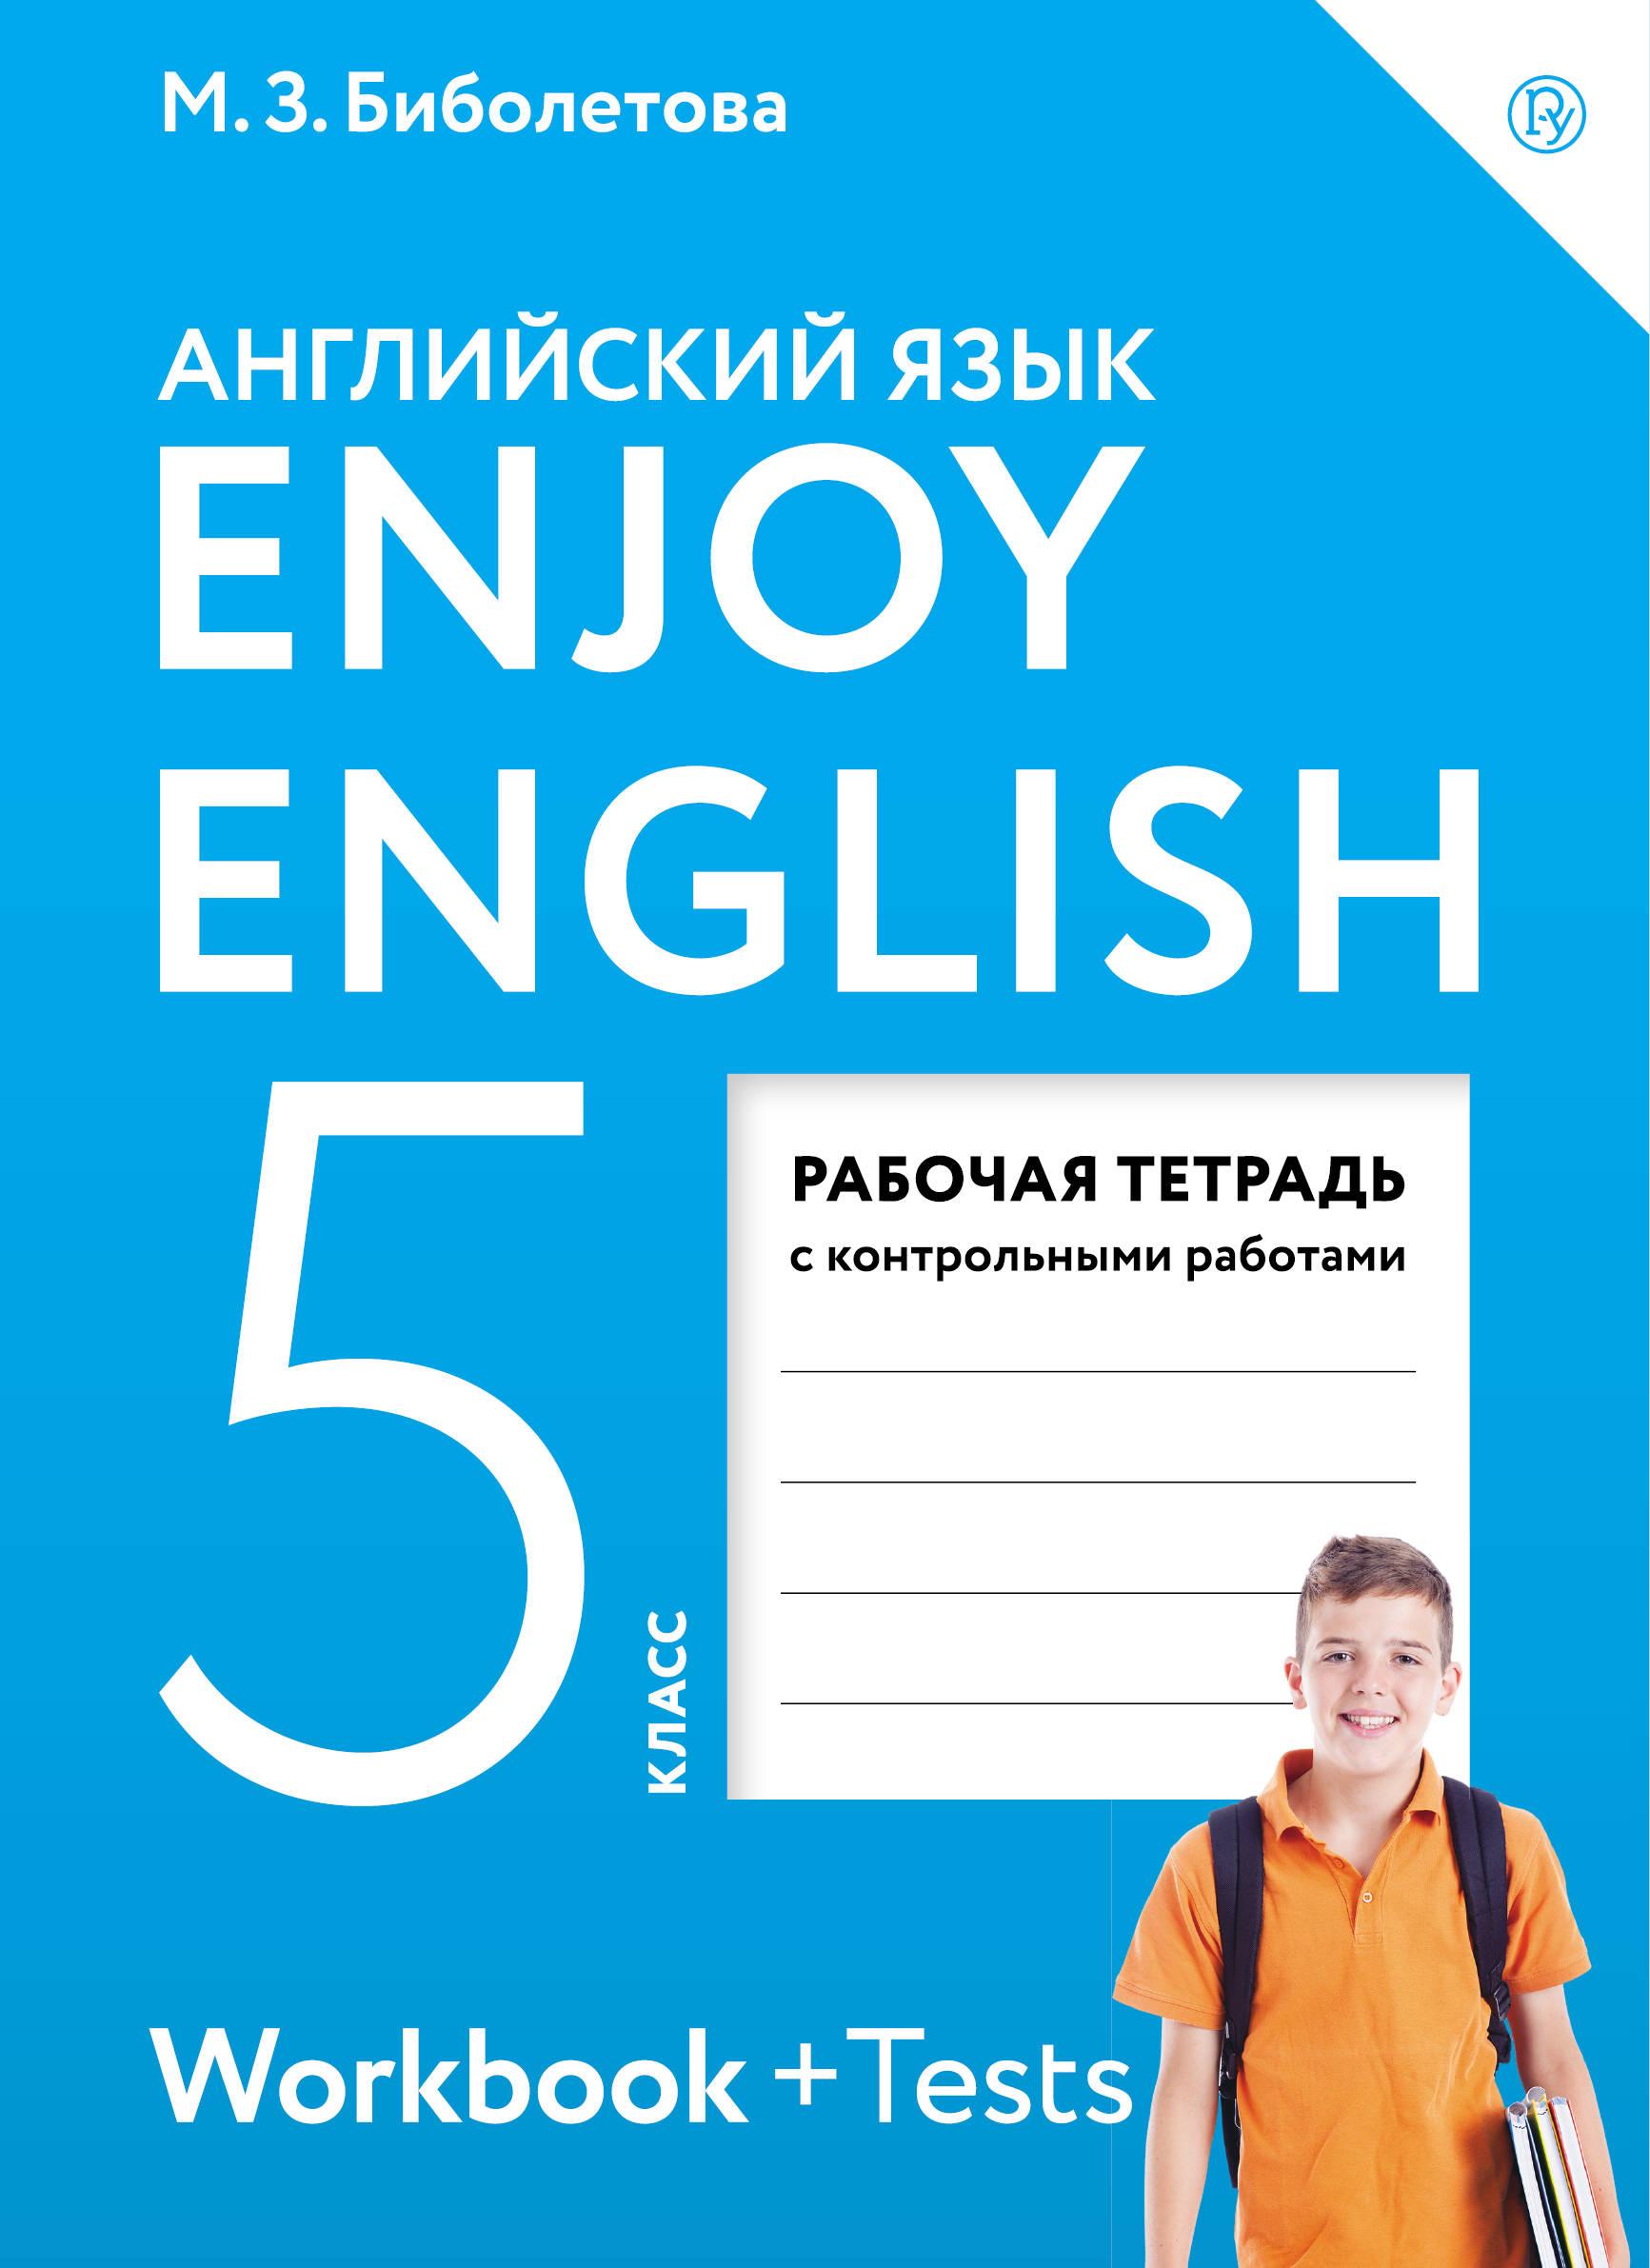 Аудиоприложение к учебнику enjoy english 5-6 класс биболетова добрынина трубанева скачать бесплатно